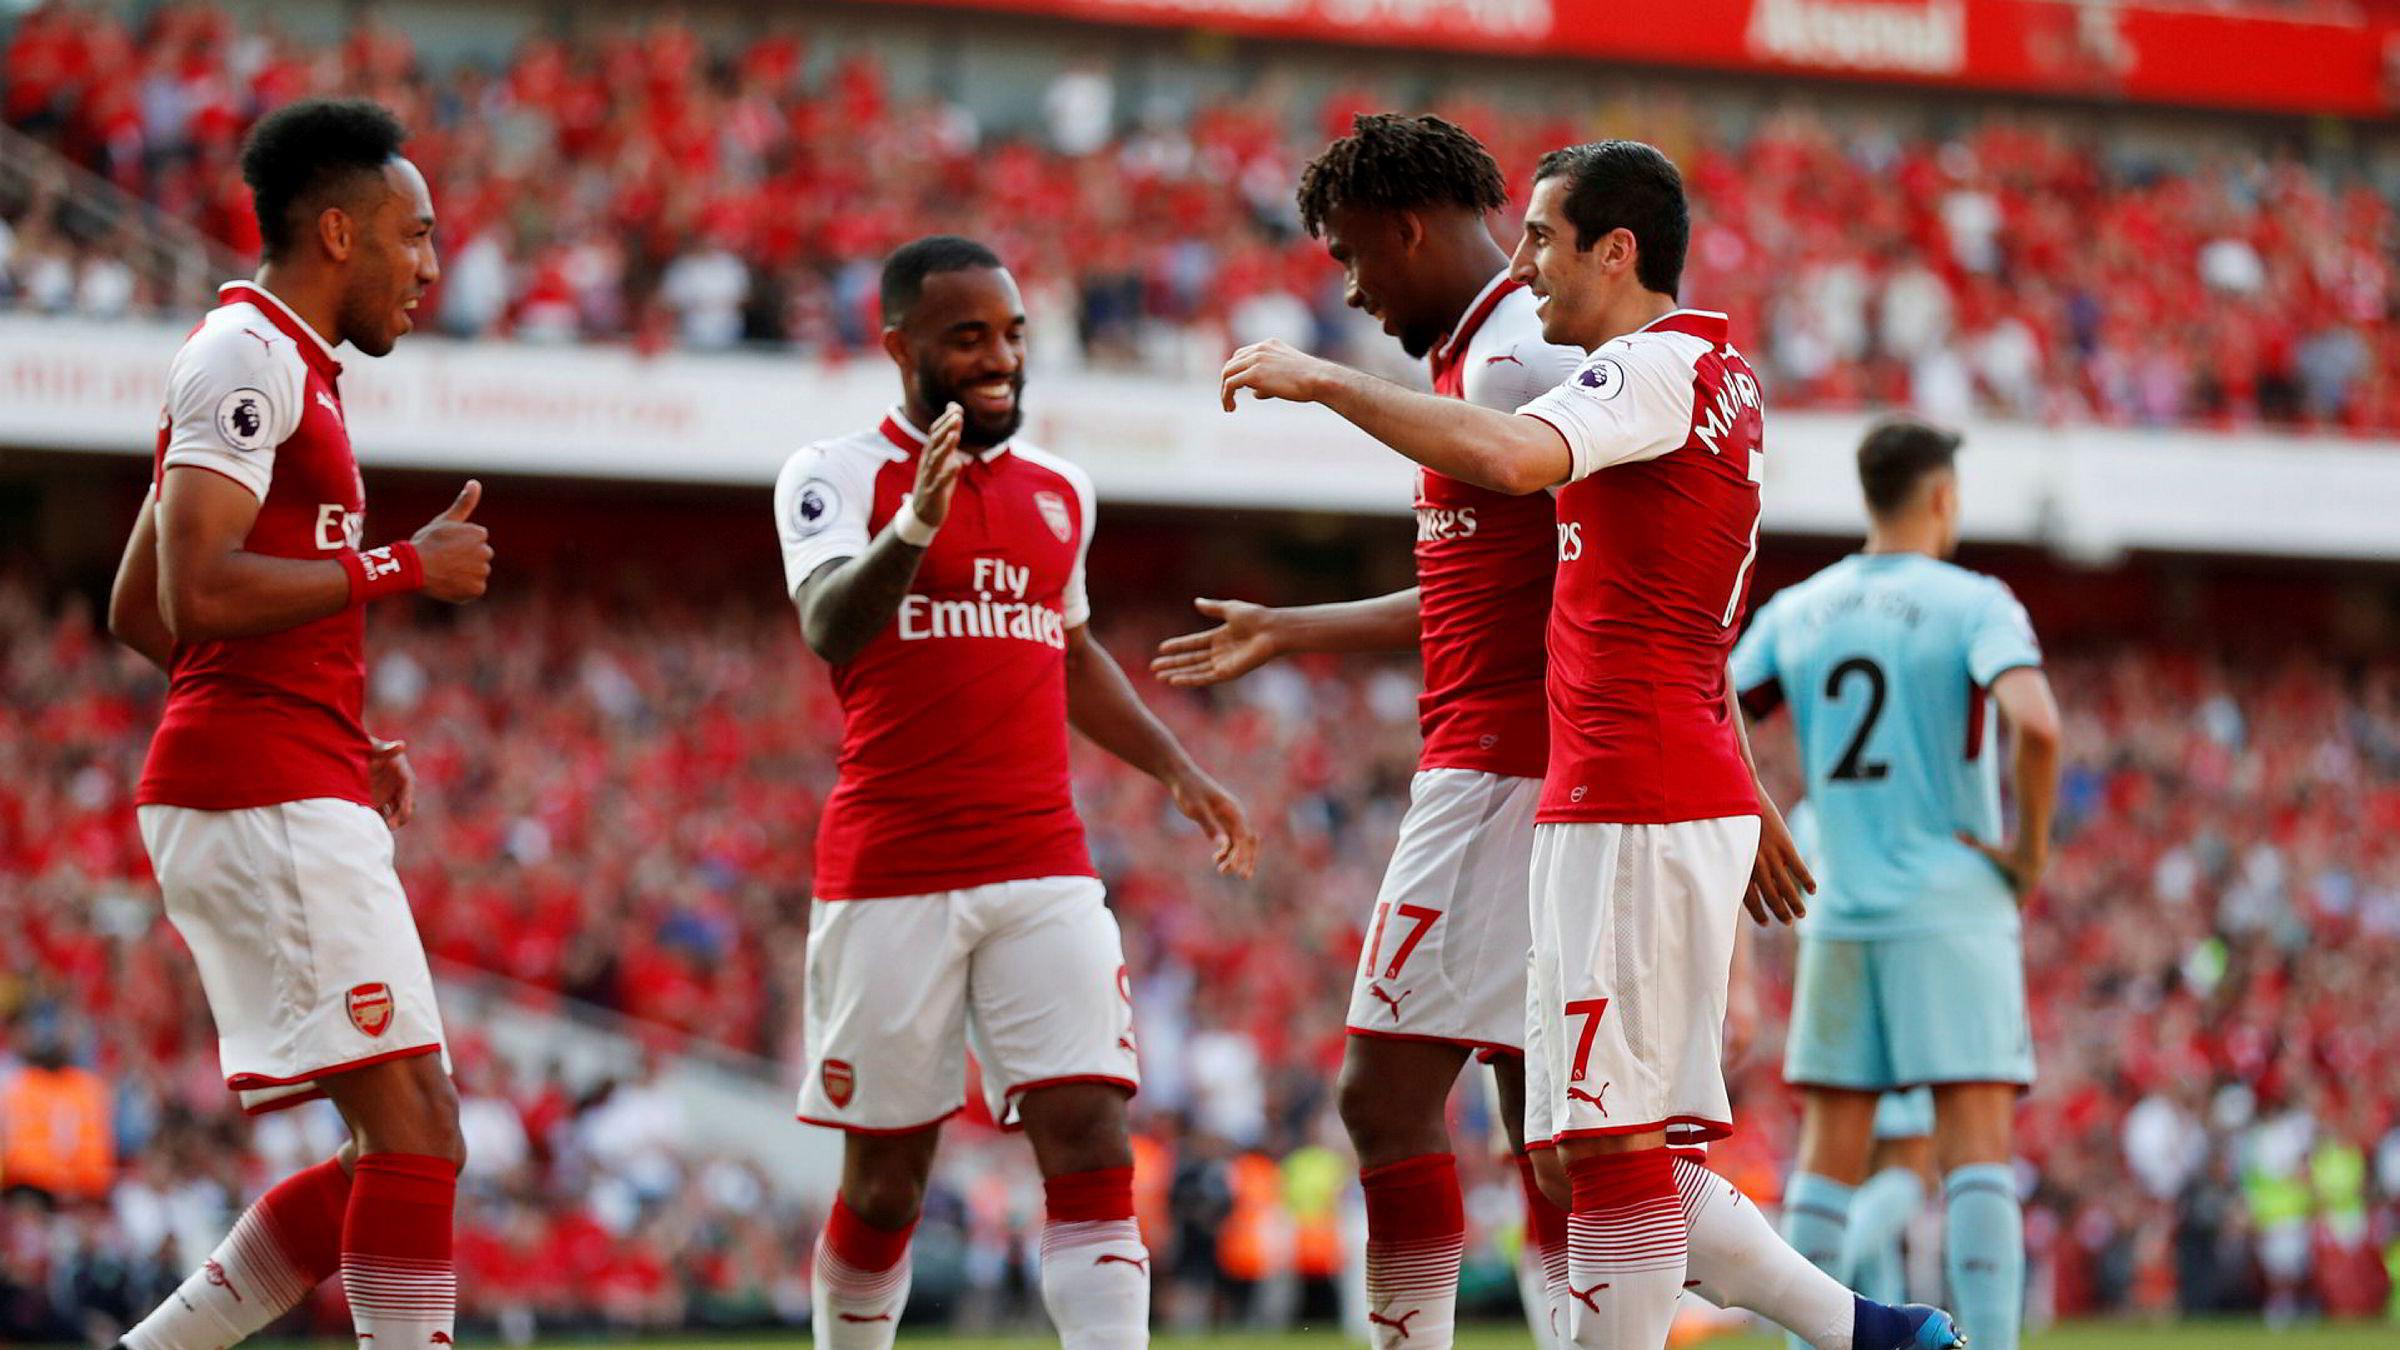 TV3-eier MTG har kjøpt rettighetene til engelske Premier League og kampene til storklubben Arsenal i Sverige, Danmark og Finland.